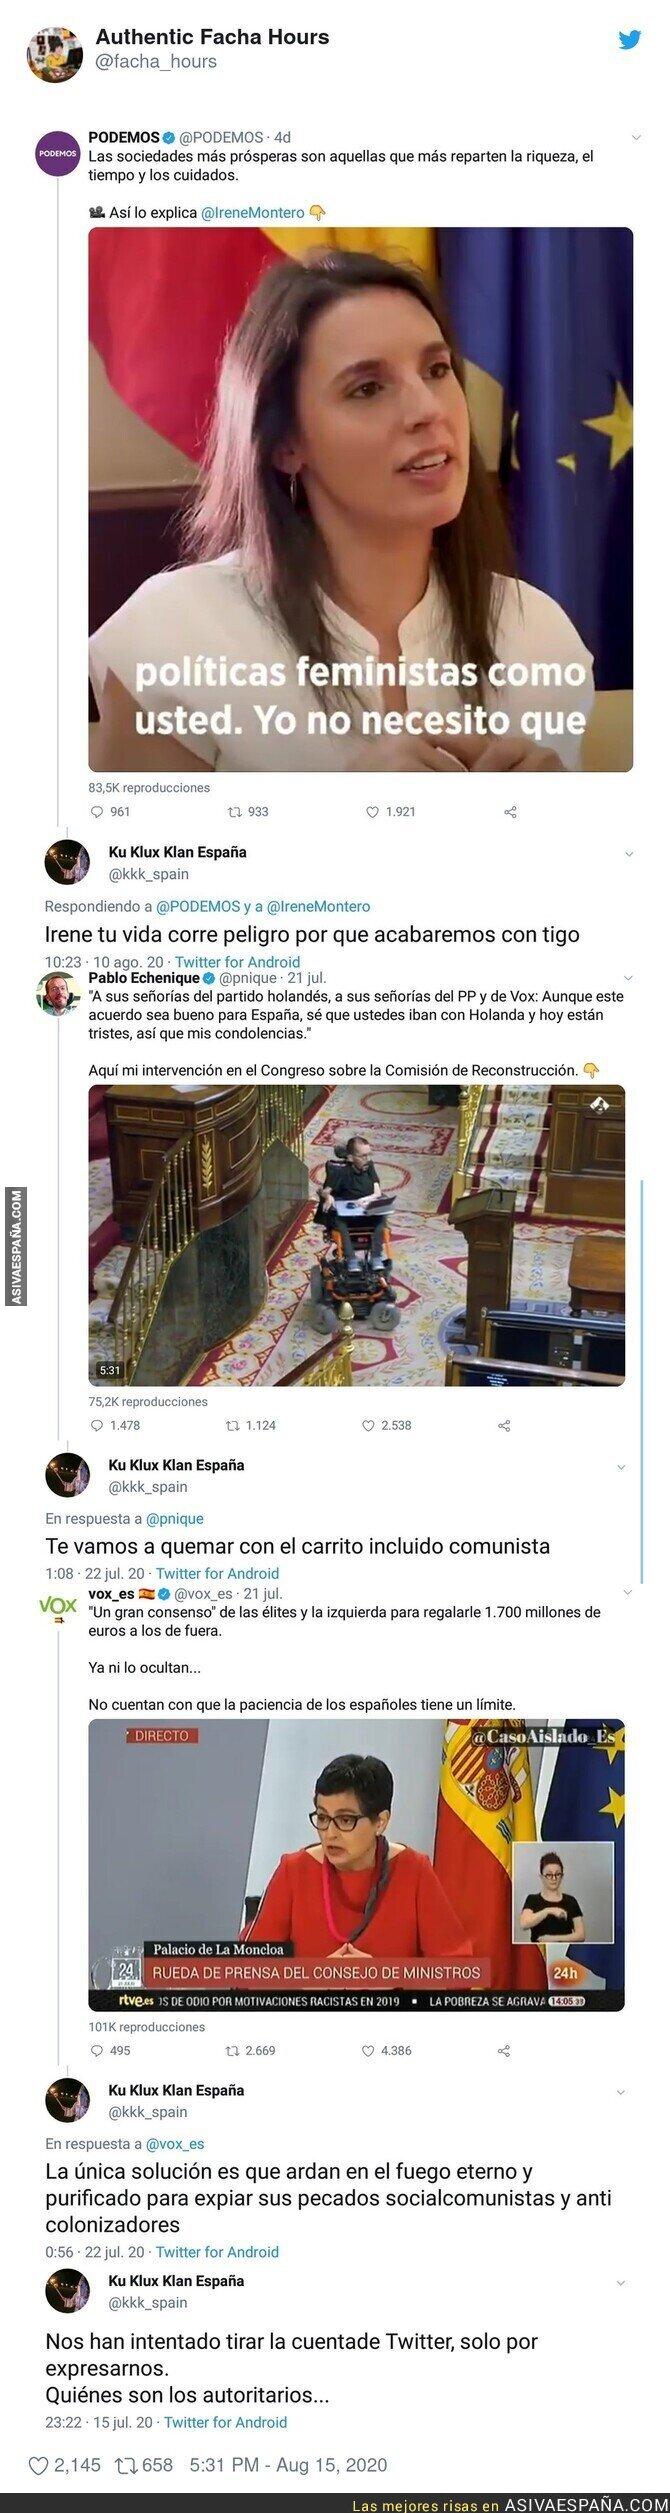 323062 - La cuenta de 'Ku Klux Klan España' se hace la ofendida tras poner todos estos mensajes a miembros de Podemos